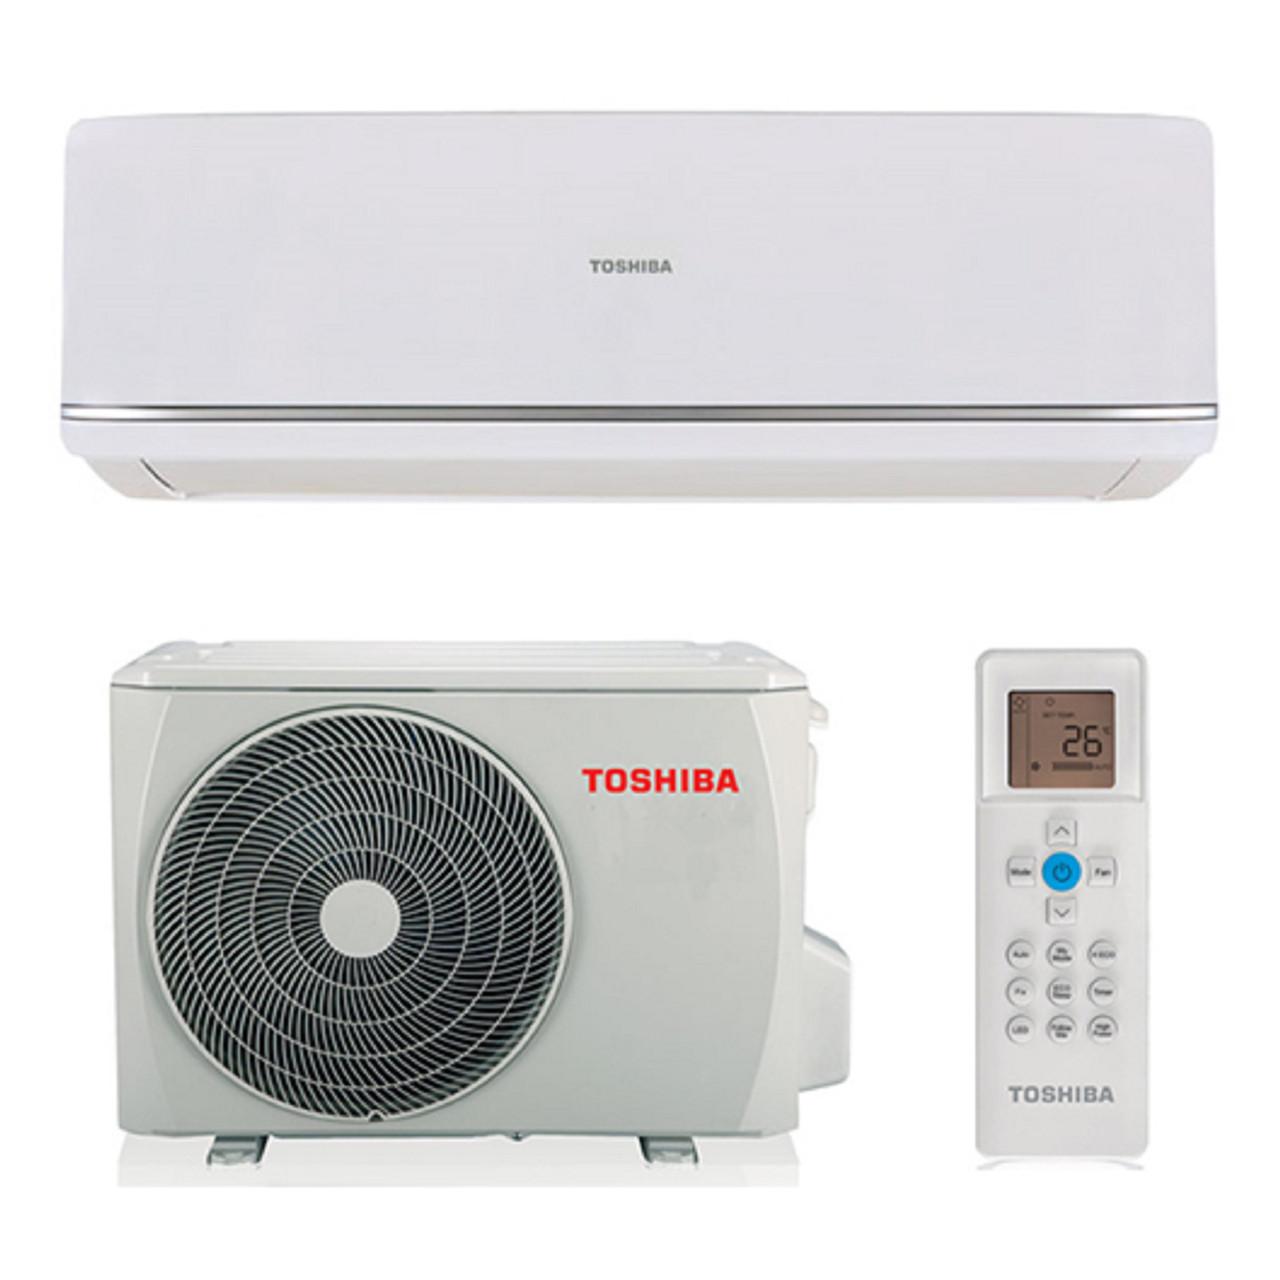 Спліт-система настінного типу Toshiba RAS-18U2KH3S-EE/RAS-18U2AH3S-EE